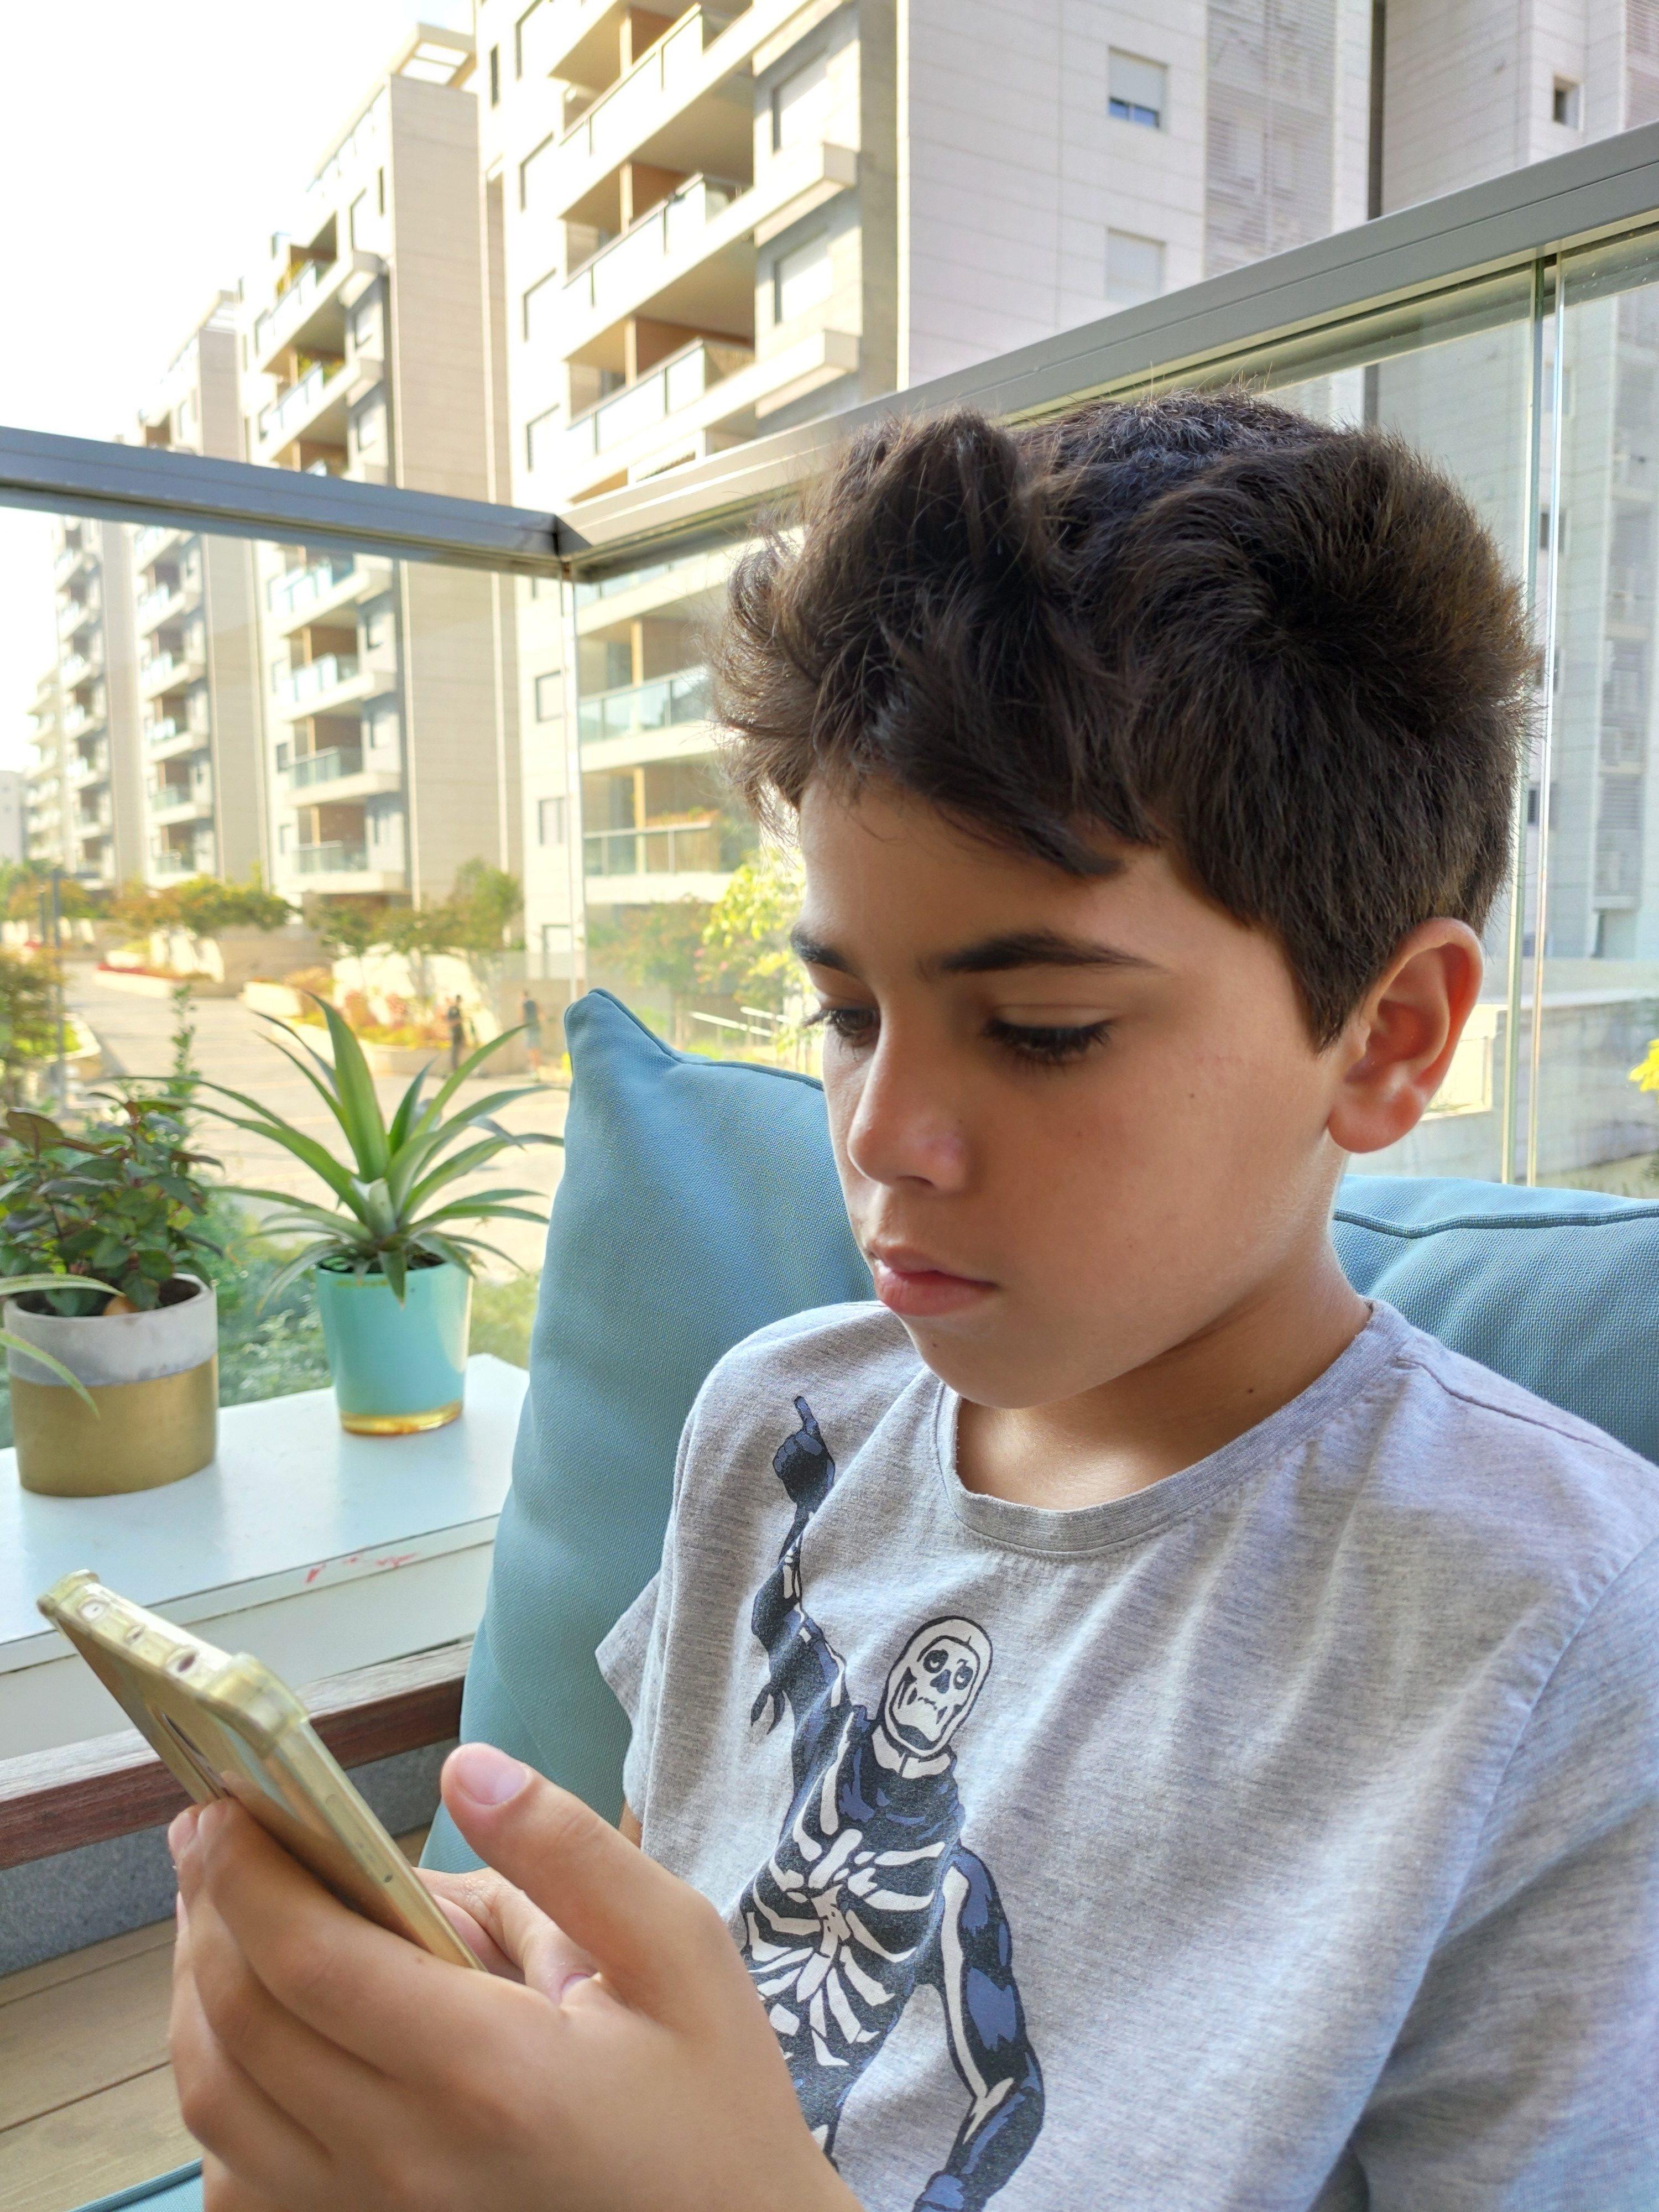 ילד מחזיק סלולר - סלולרי לילד